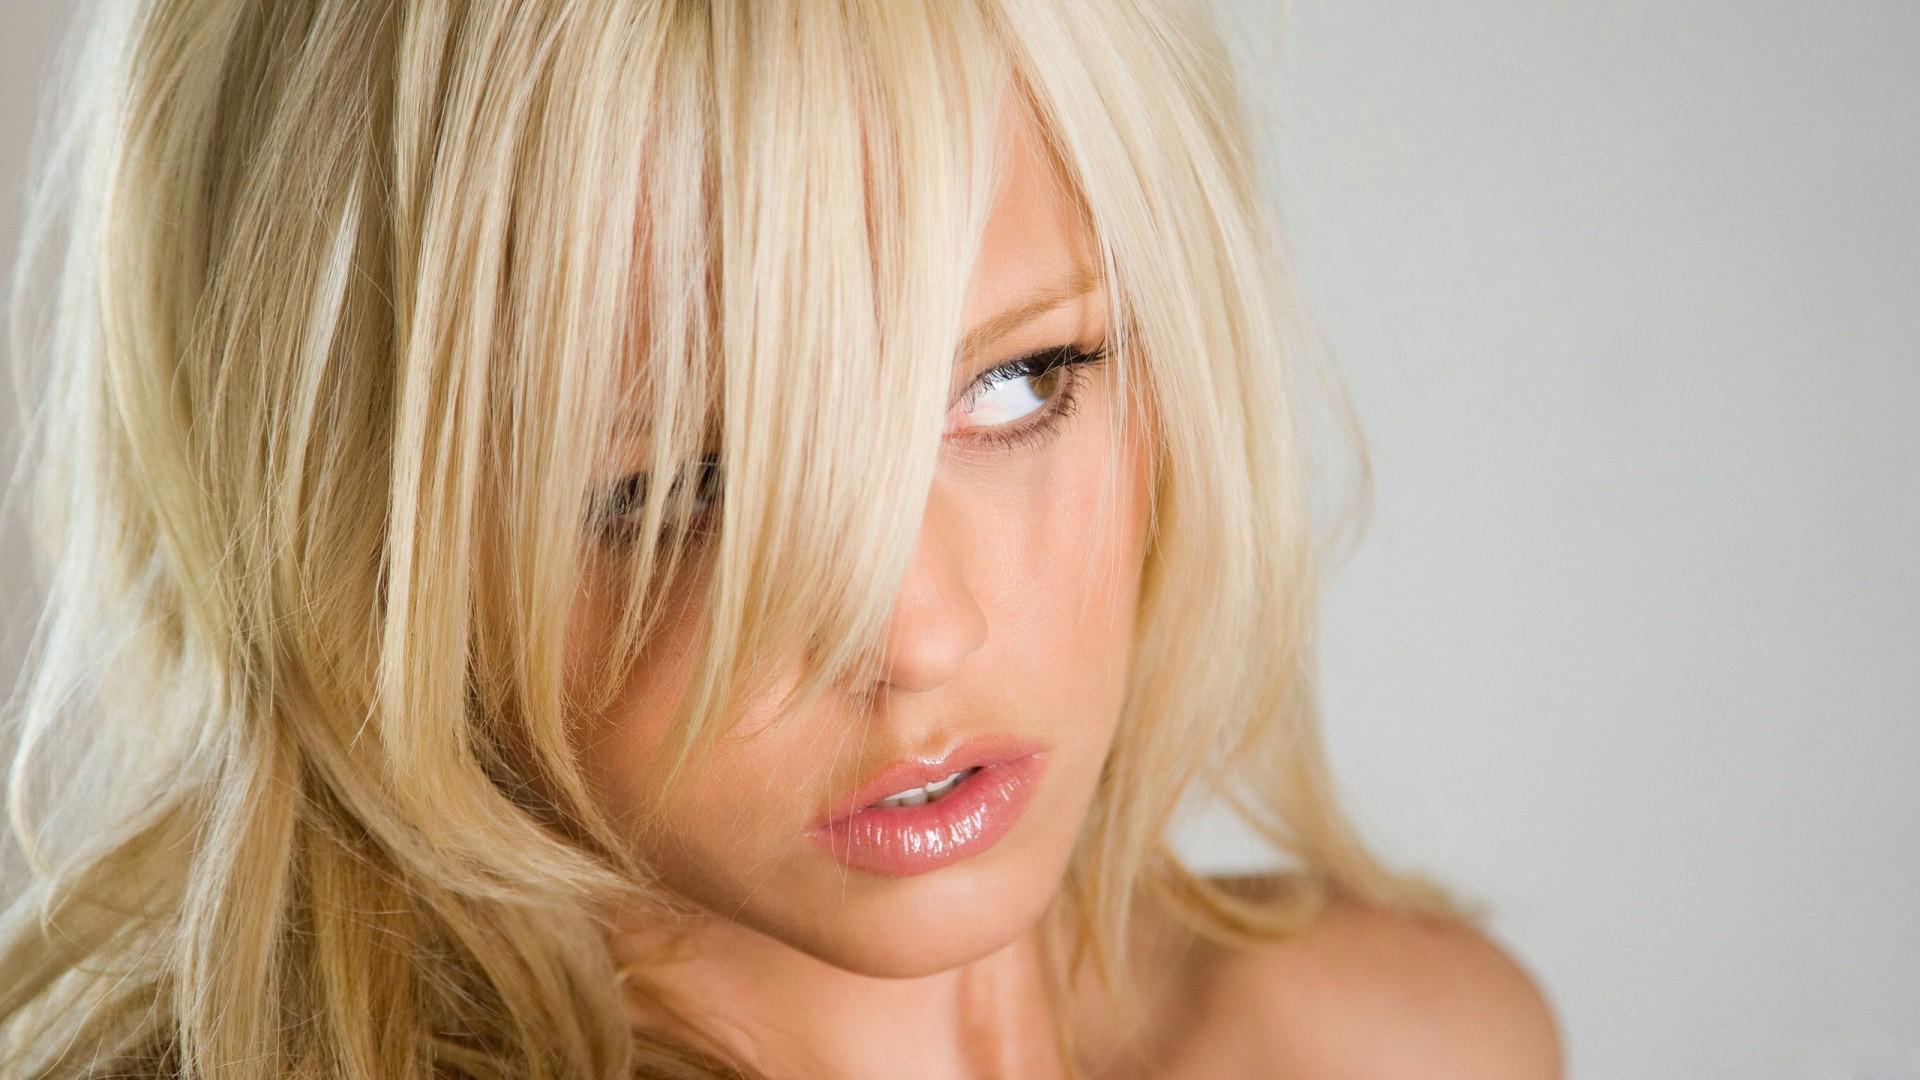 Фотографии трахающихся блондинок